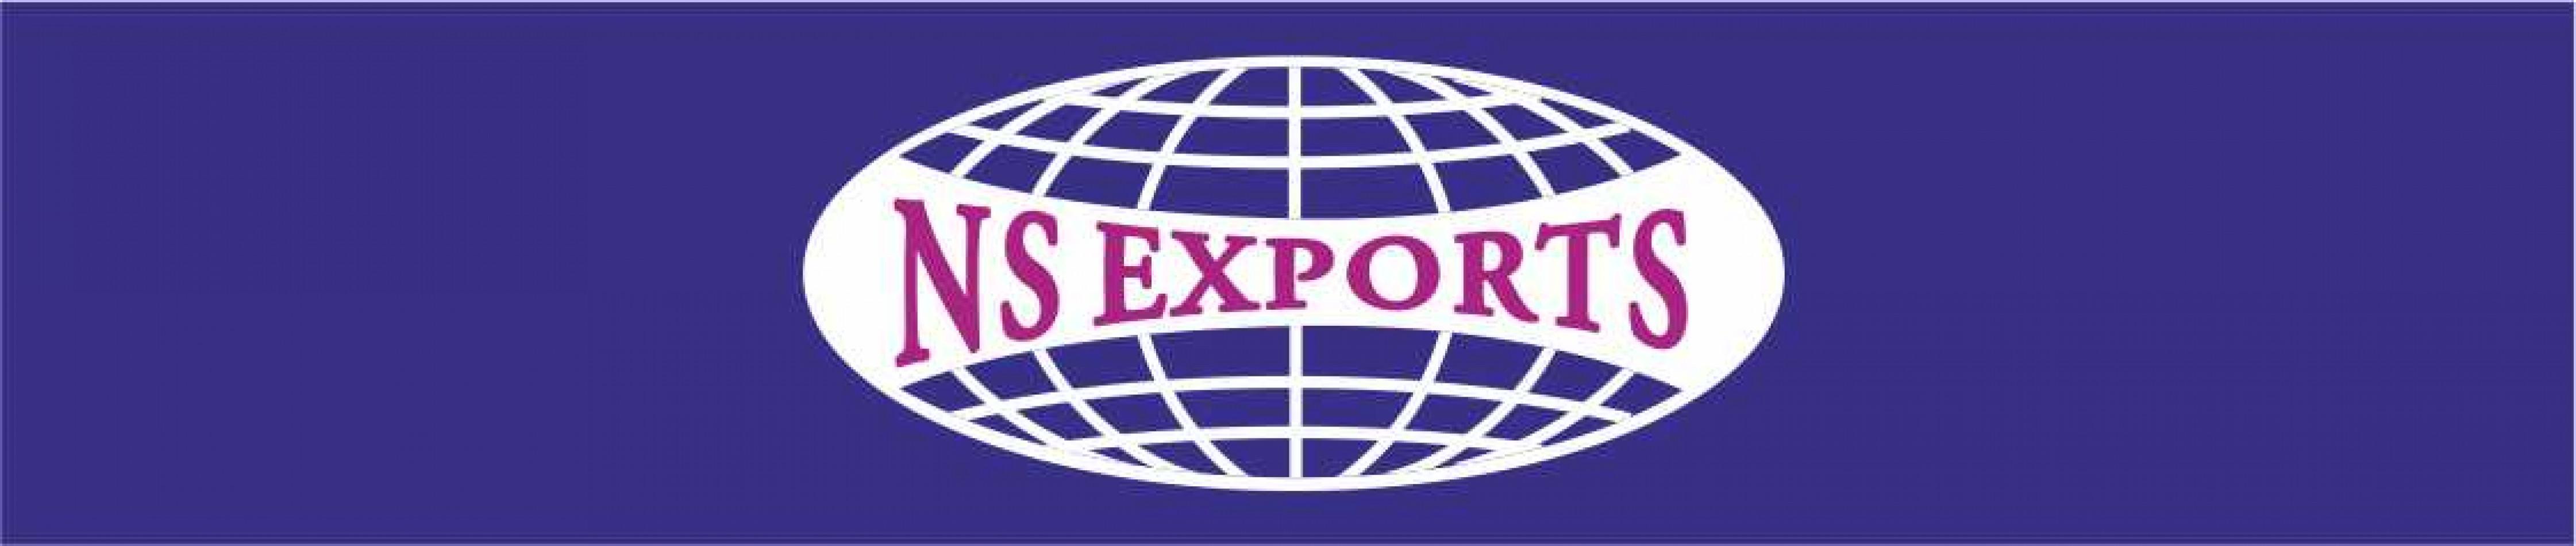 NS EXPORTS